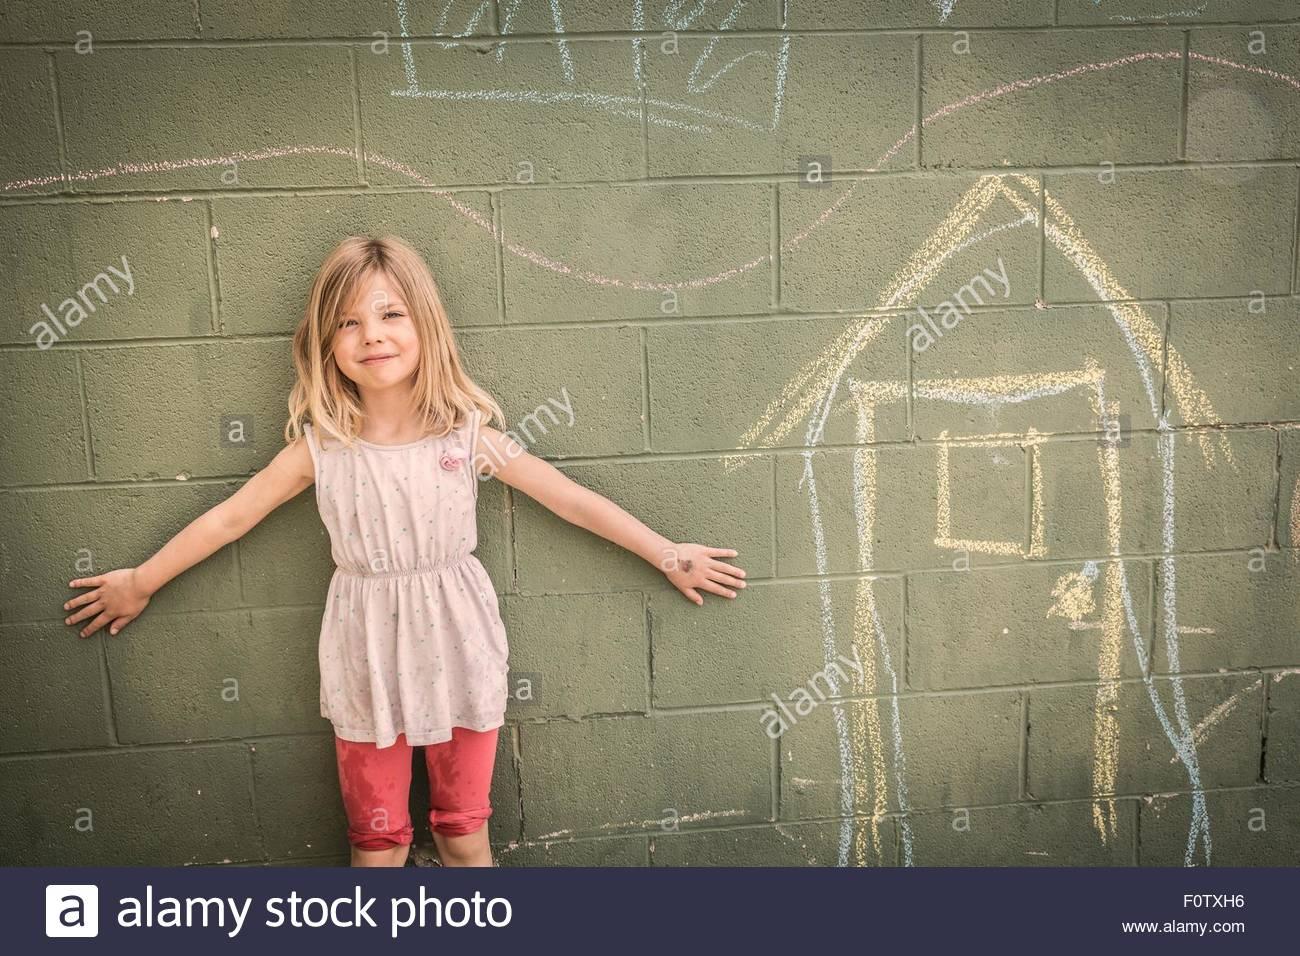 Mädchen vor Wand mit Kreidezeichnungen, Porträt Stockbild